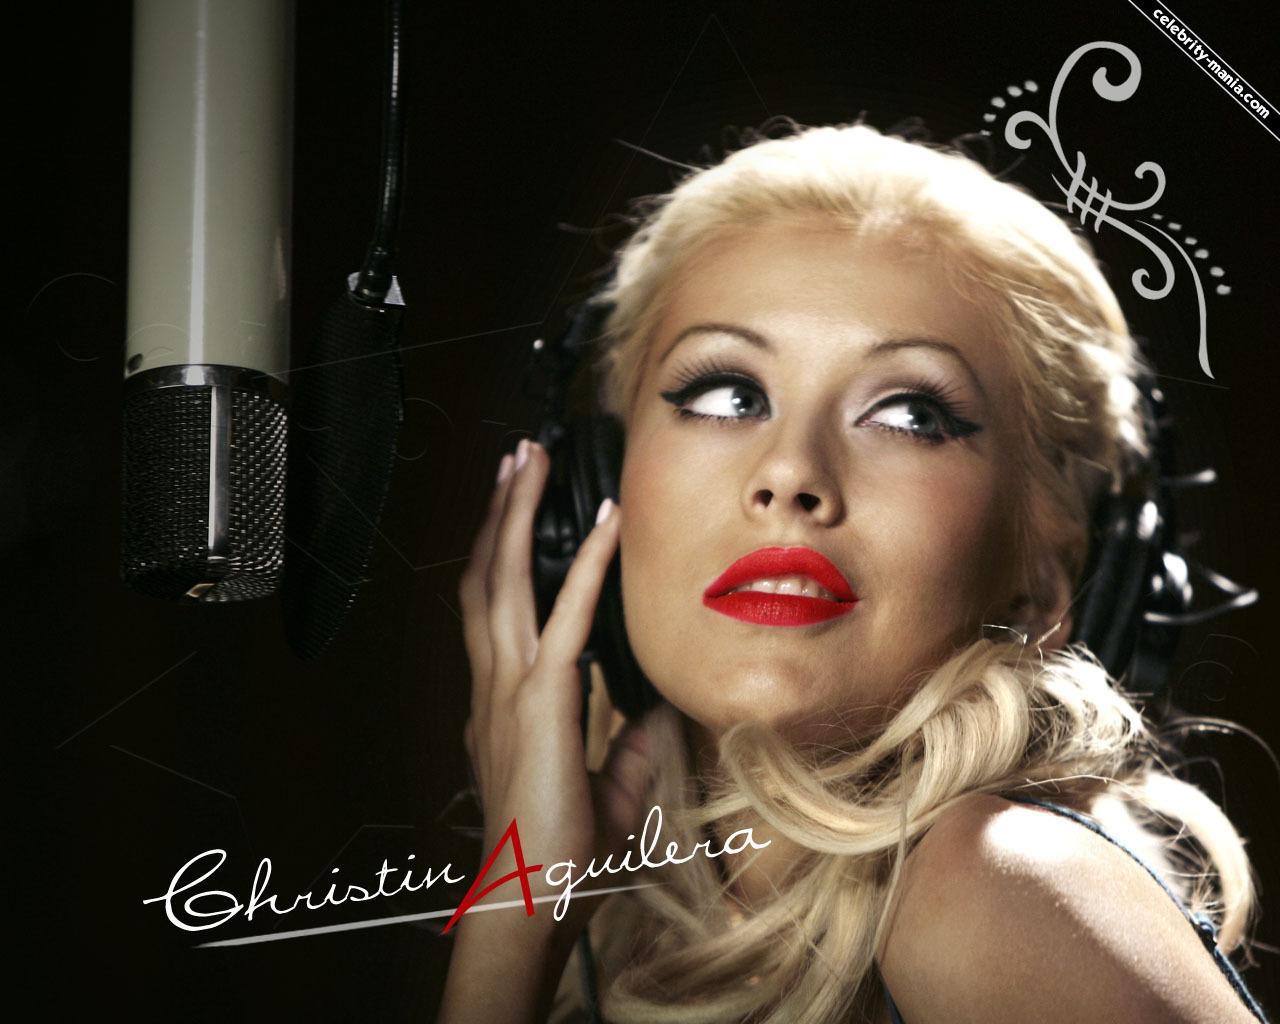 http://4.bp.blogspot.com/_Ck0IwvS215w/TUNmrhLkY0I/AAAAAAAAAD8/ubMA6AdzxB8/s1600/Christina-christina-aguilera-982343_1280_1024.jpg